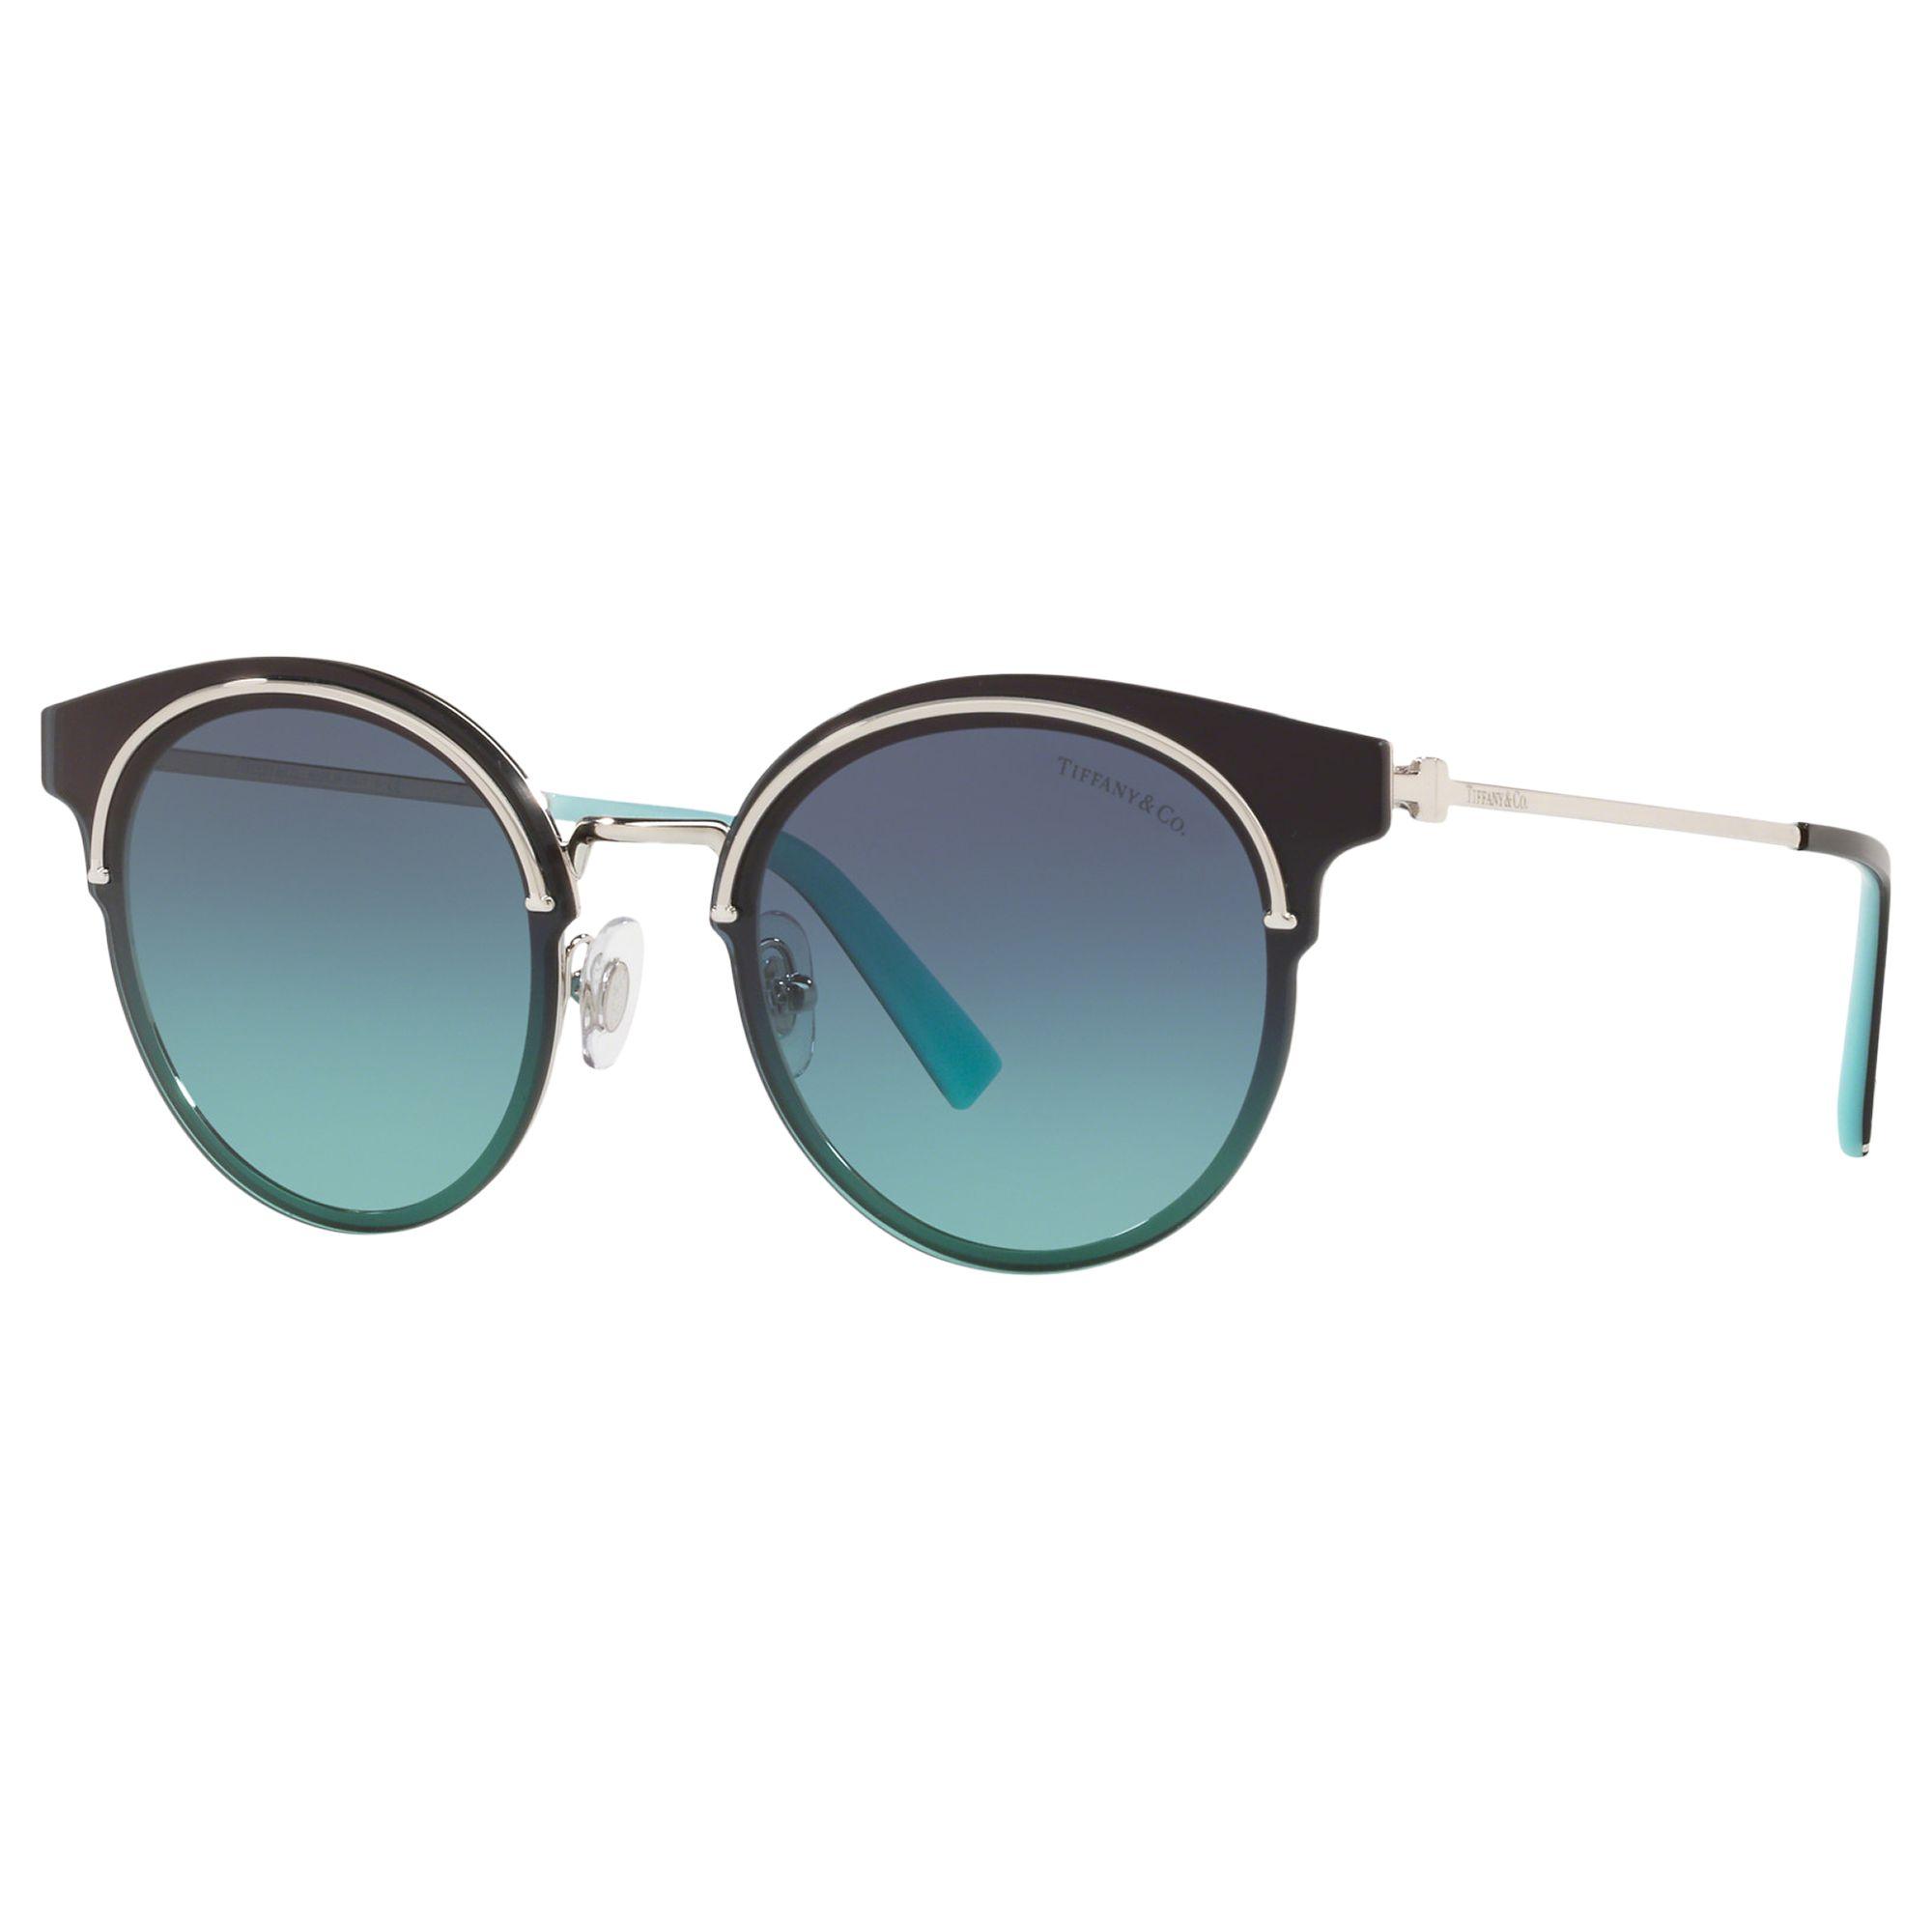 Tiffany & Co Tiffany & Co TF3049B Women's Round Sunglasses